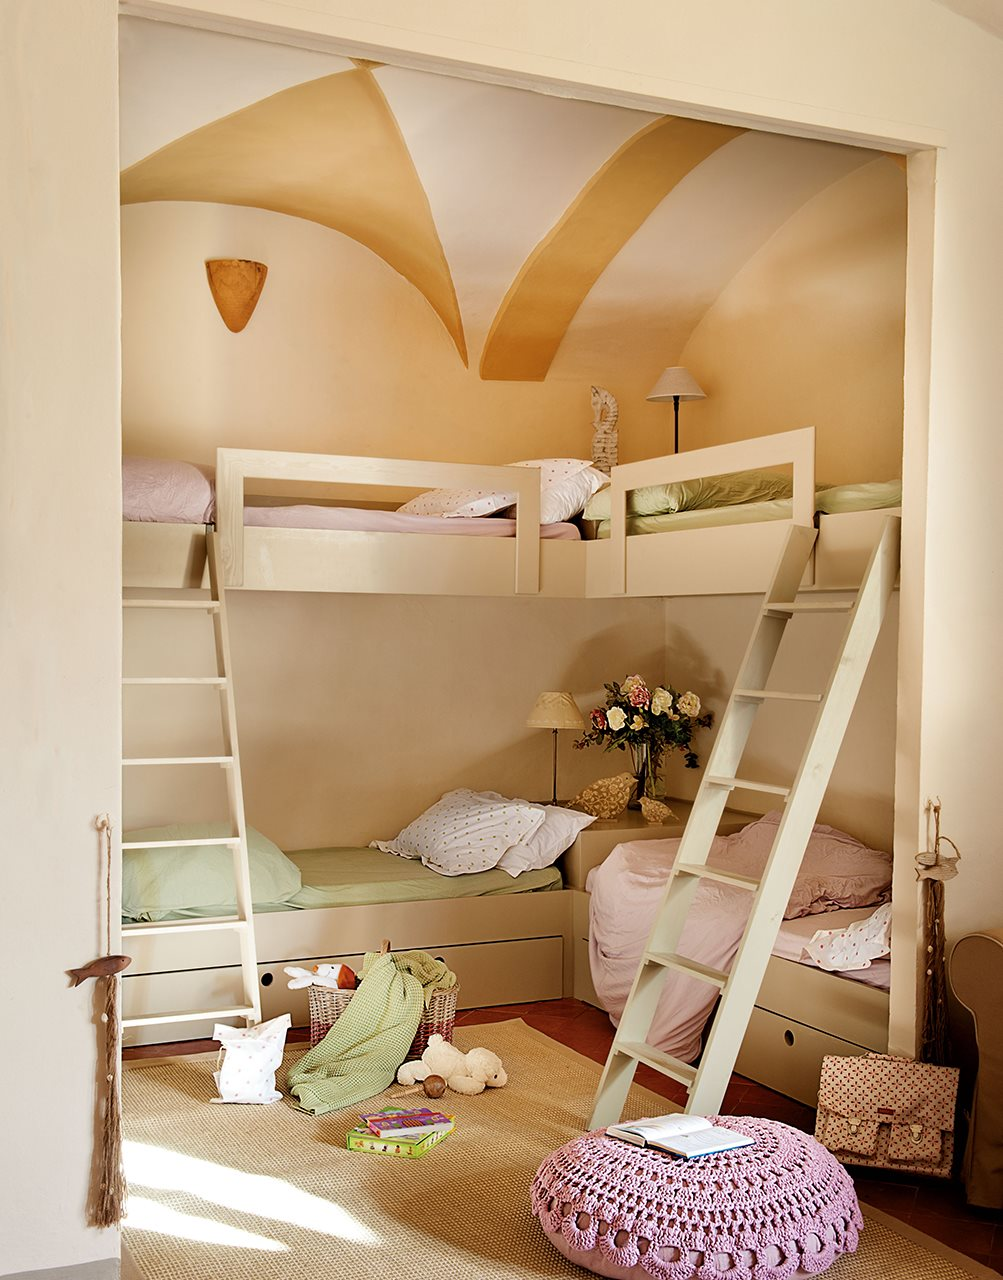 10 ideas para una habitaci n de dos o m s for Habitacion para 2 ninos